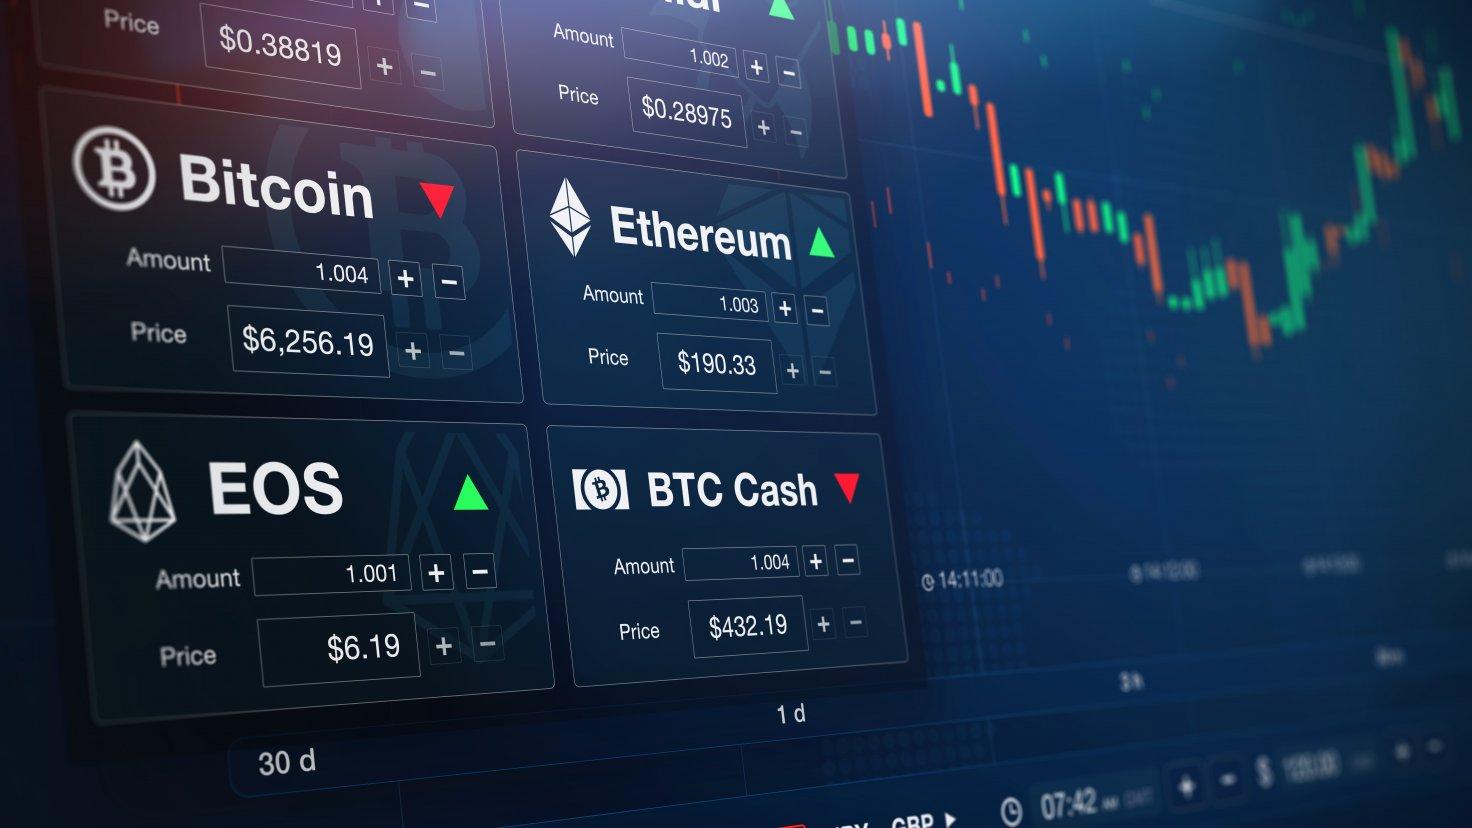 تقرير: انهيار 75 منصة لتداول العملات الرقمية المشفرة في عام 2020 وتوقع انهيار المزيد منها